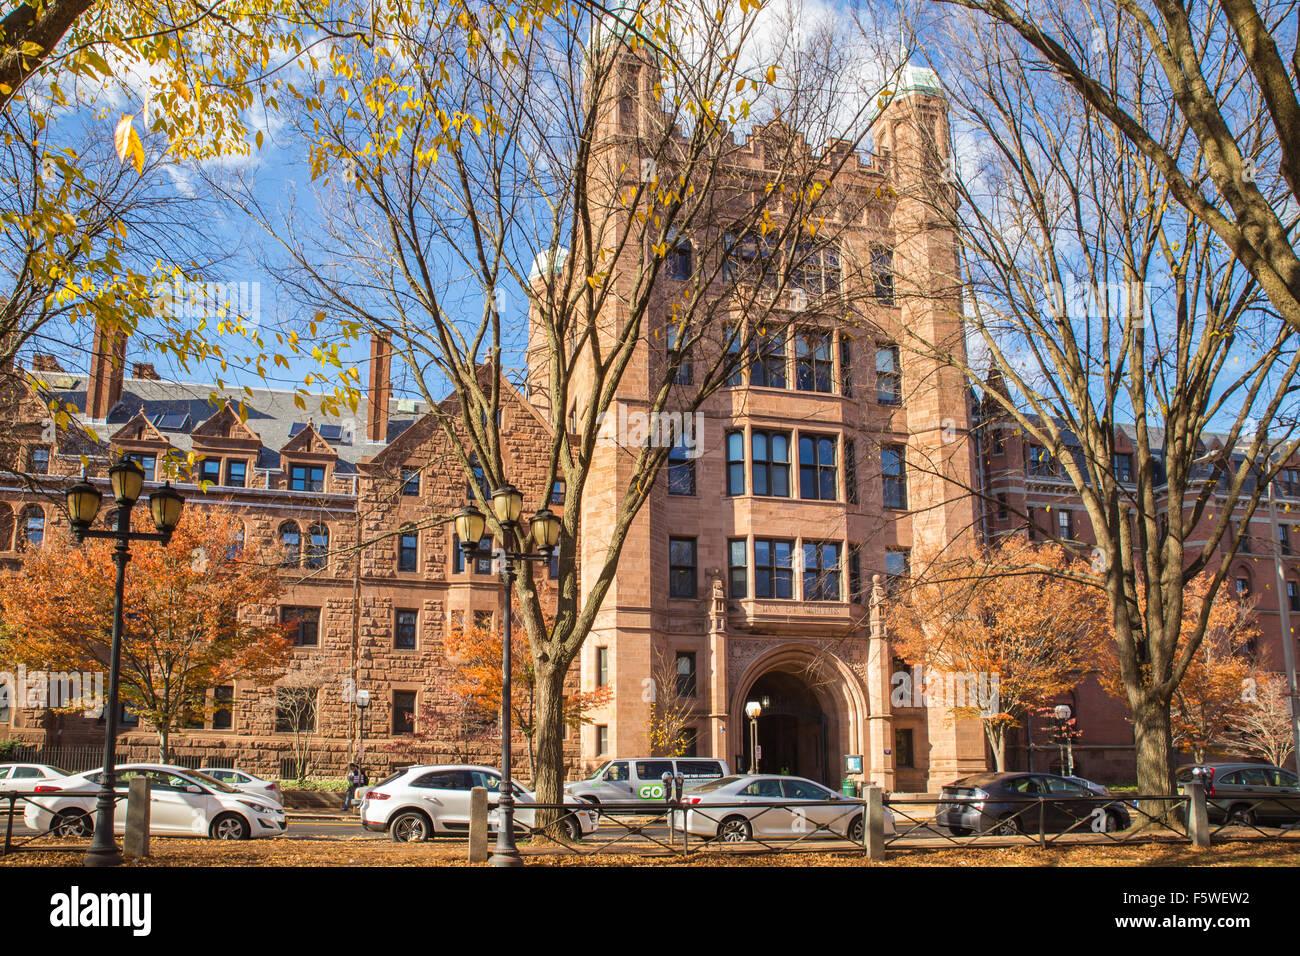 NEW HAVEN, Connecticut, EE.UU. - 8 de noviembre de 2015: Vista de Phelps Hall y Gate en la histórica Universidad Imagen De Stock